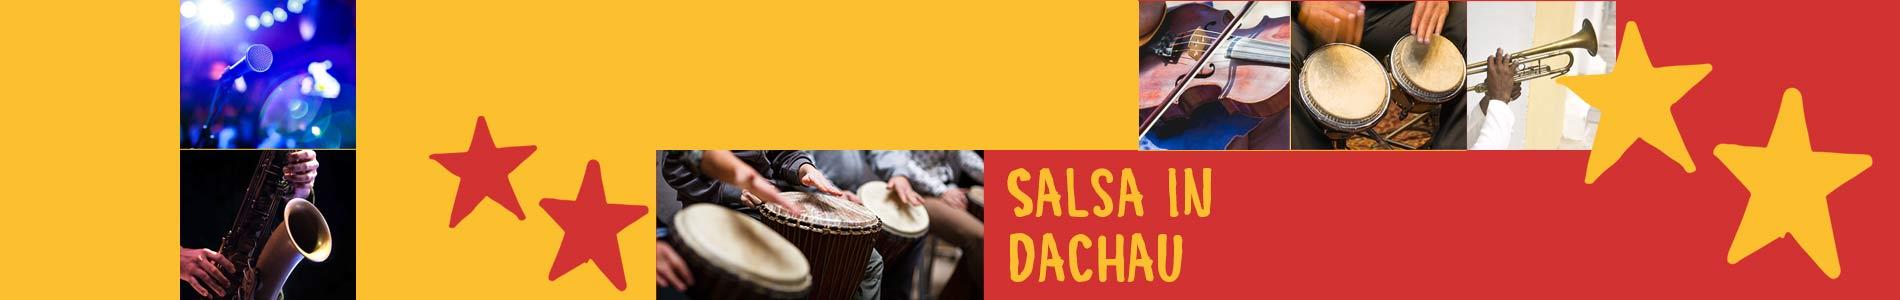 Salsa in Dachau – Salsa lernen und tanzen, Tanzkurse, Partys, Veranstaltungen